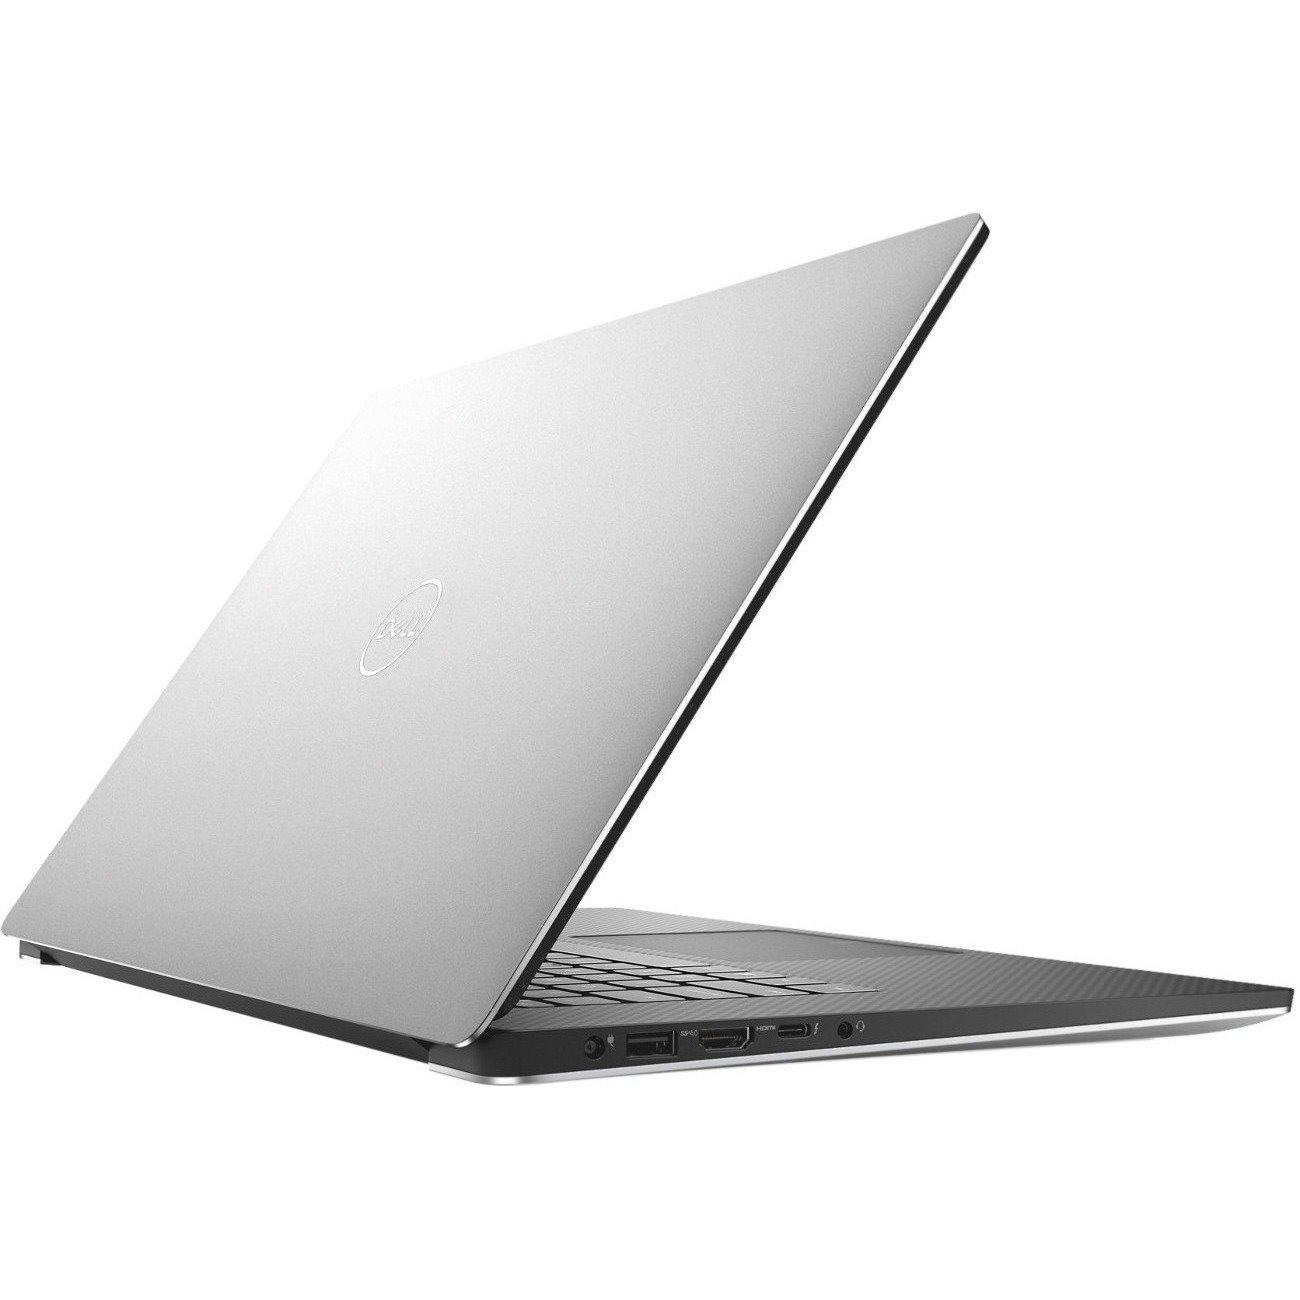 """Dell Precision 5000 5530 39.6 cm (15.6"""") LCD Mobile Workstation - Intel Core i5 (8th Gen) i5-8300H Quad-core (4 Core) 2.30 GHz - 8 GB DDR4 SDRAM - 256 GB SSD - Windows 10 Pro 64-bit (English) - 1920 x 1080 - Platinum Silver"""